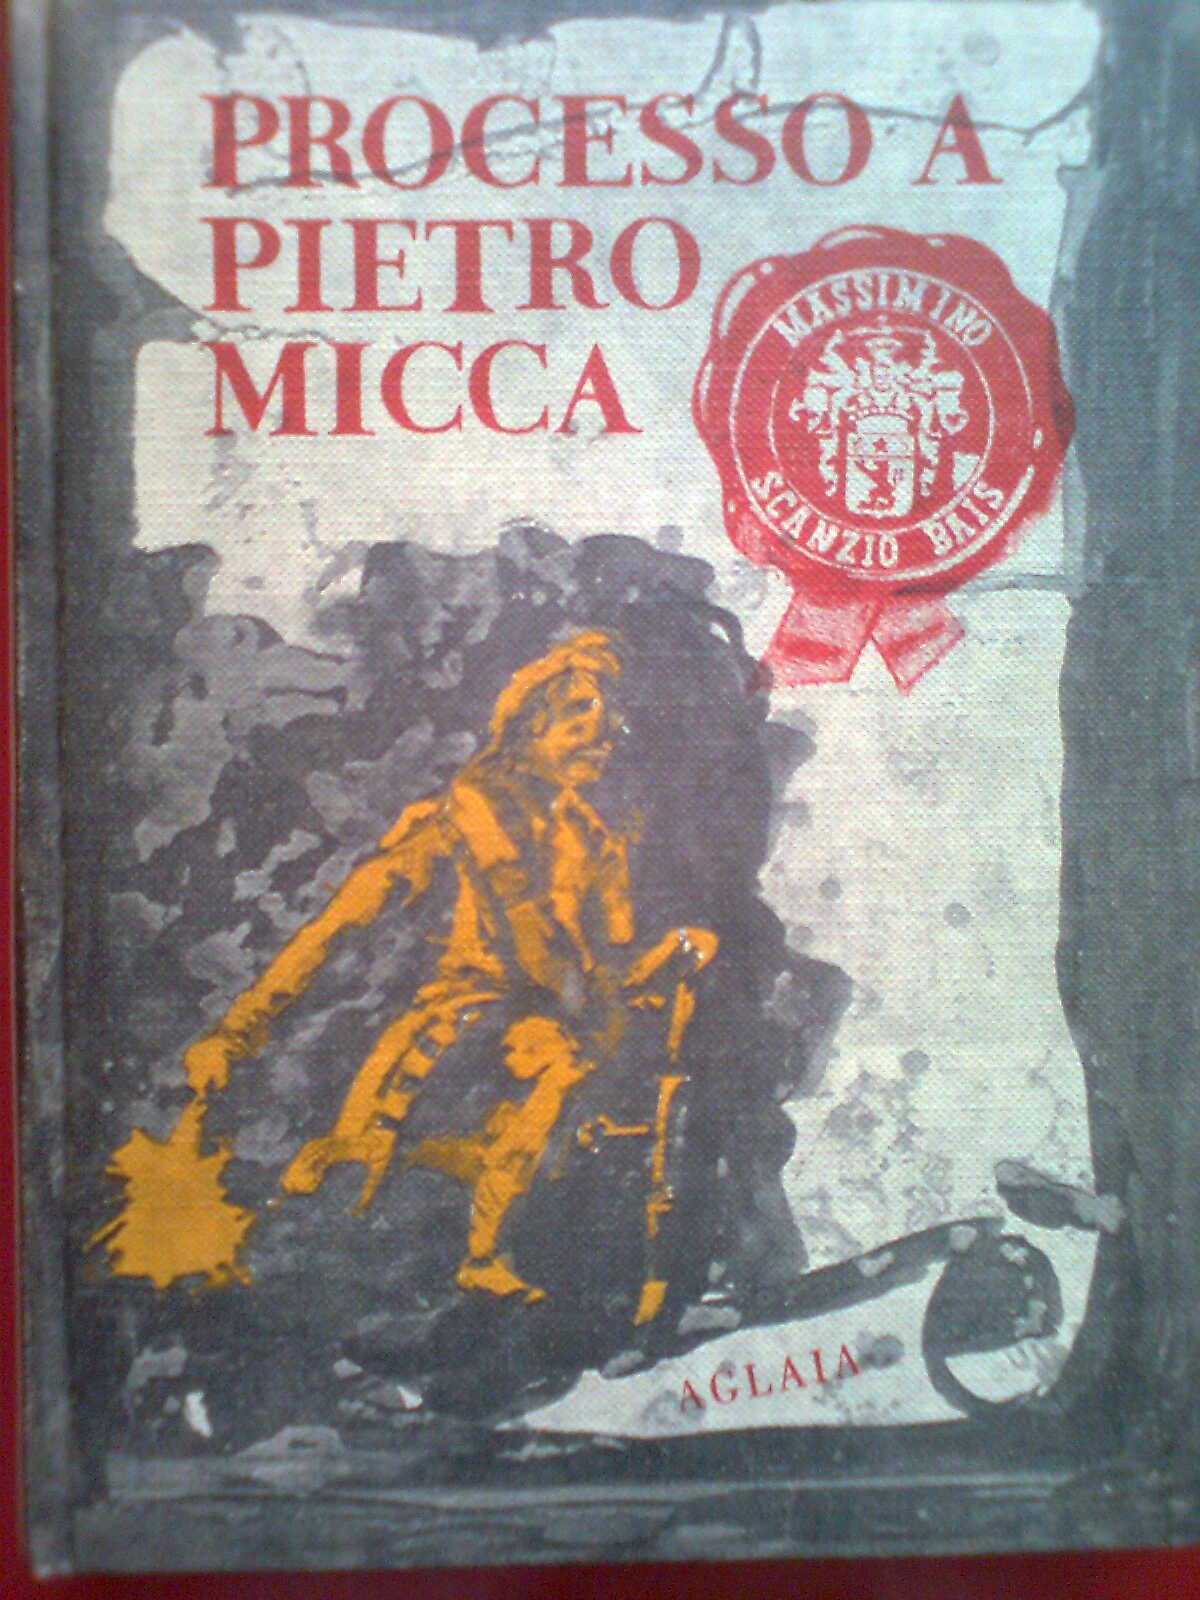 Processo a Pietro MIcca